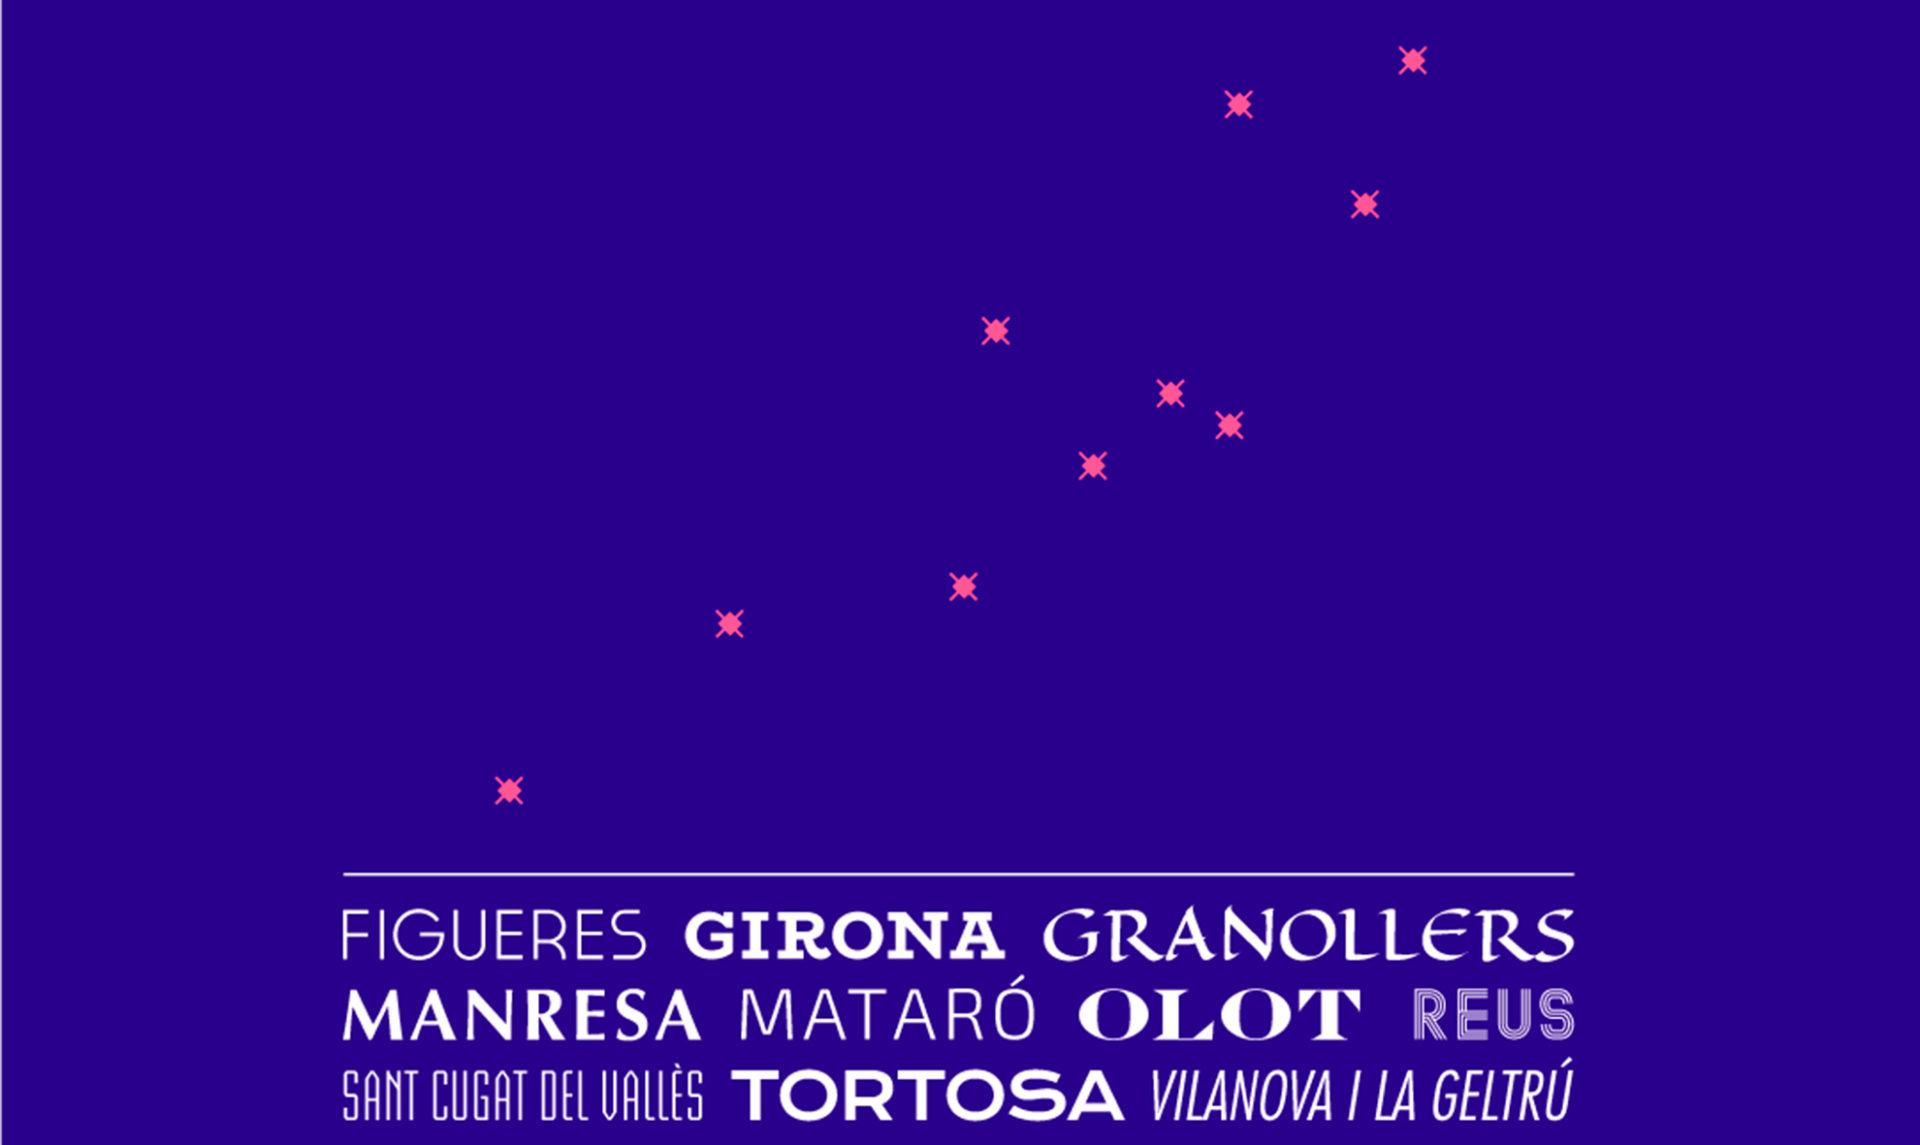 Nou concurs de comissariat de la Xarxa Transversal per a propostes d'intervenció artística a 10 ciutats catalanes